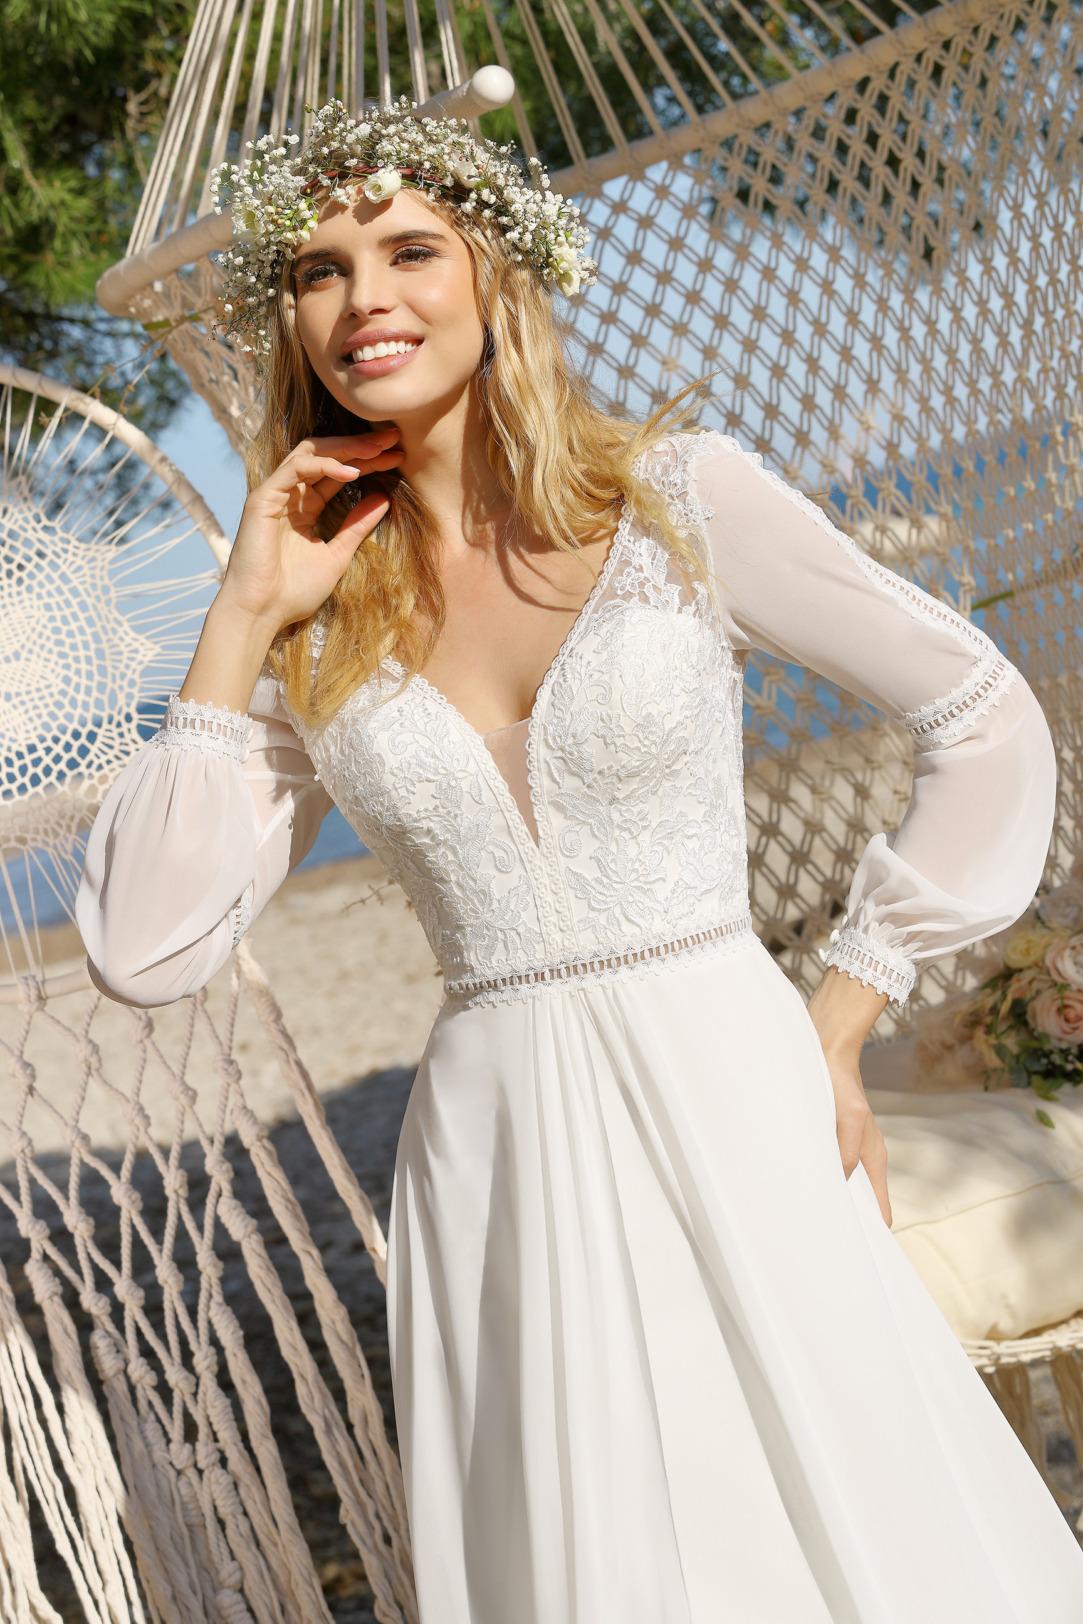 Brautkleid Hochzeitskleid im Vintage Boho Stil von Ladybird Modell 421012 mit langen Ärmeln und dezenter Spitze und V Ausschnitt Nahaufnahme